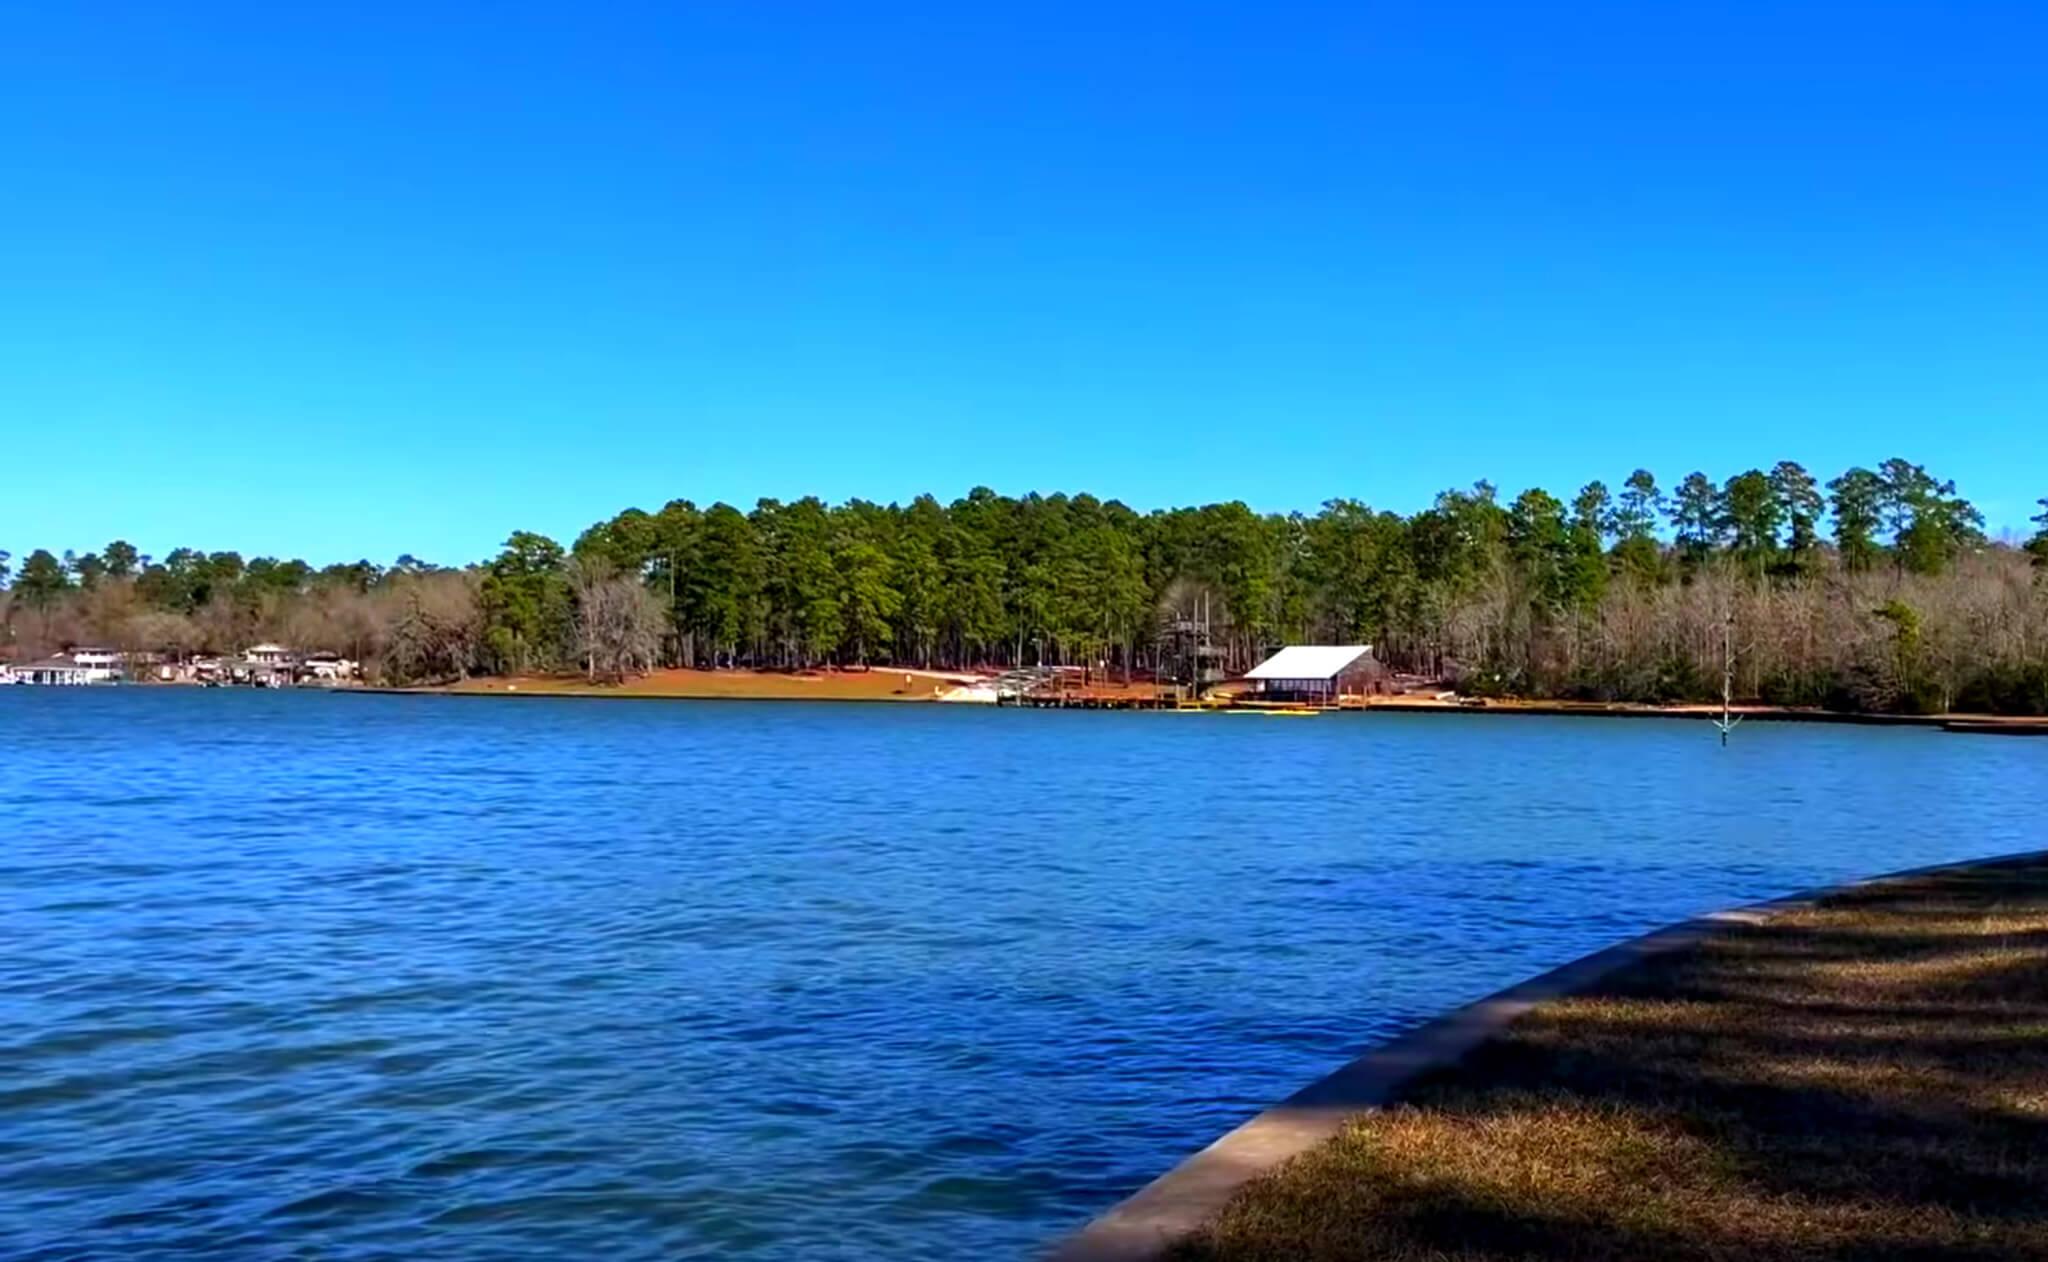 Livingston-Lake-Fishing-Report-Guide-Texas-TX-03